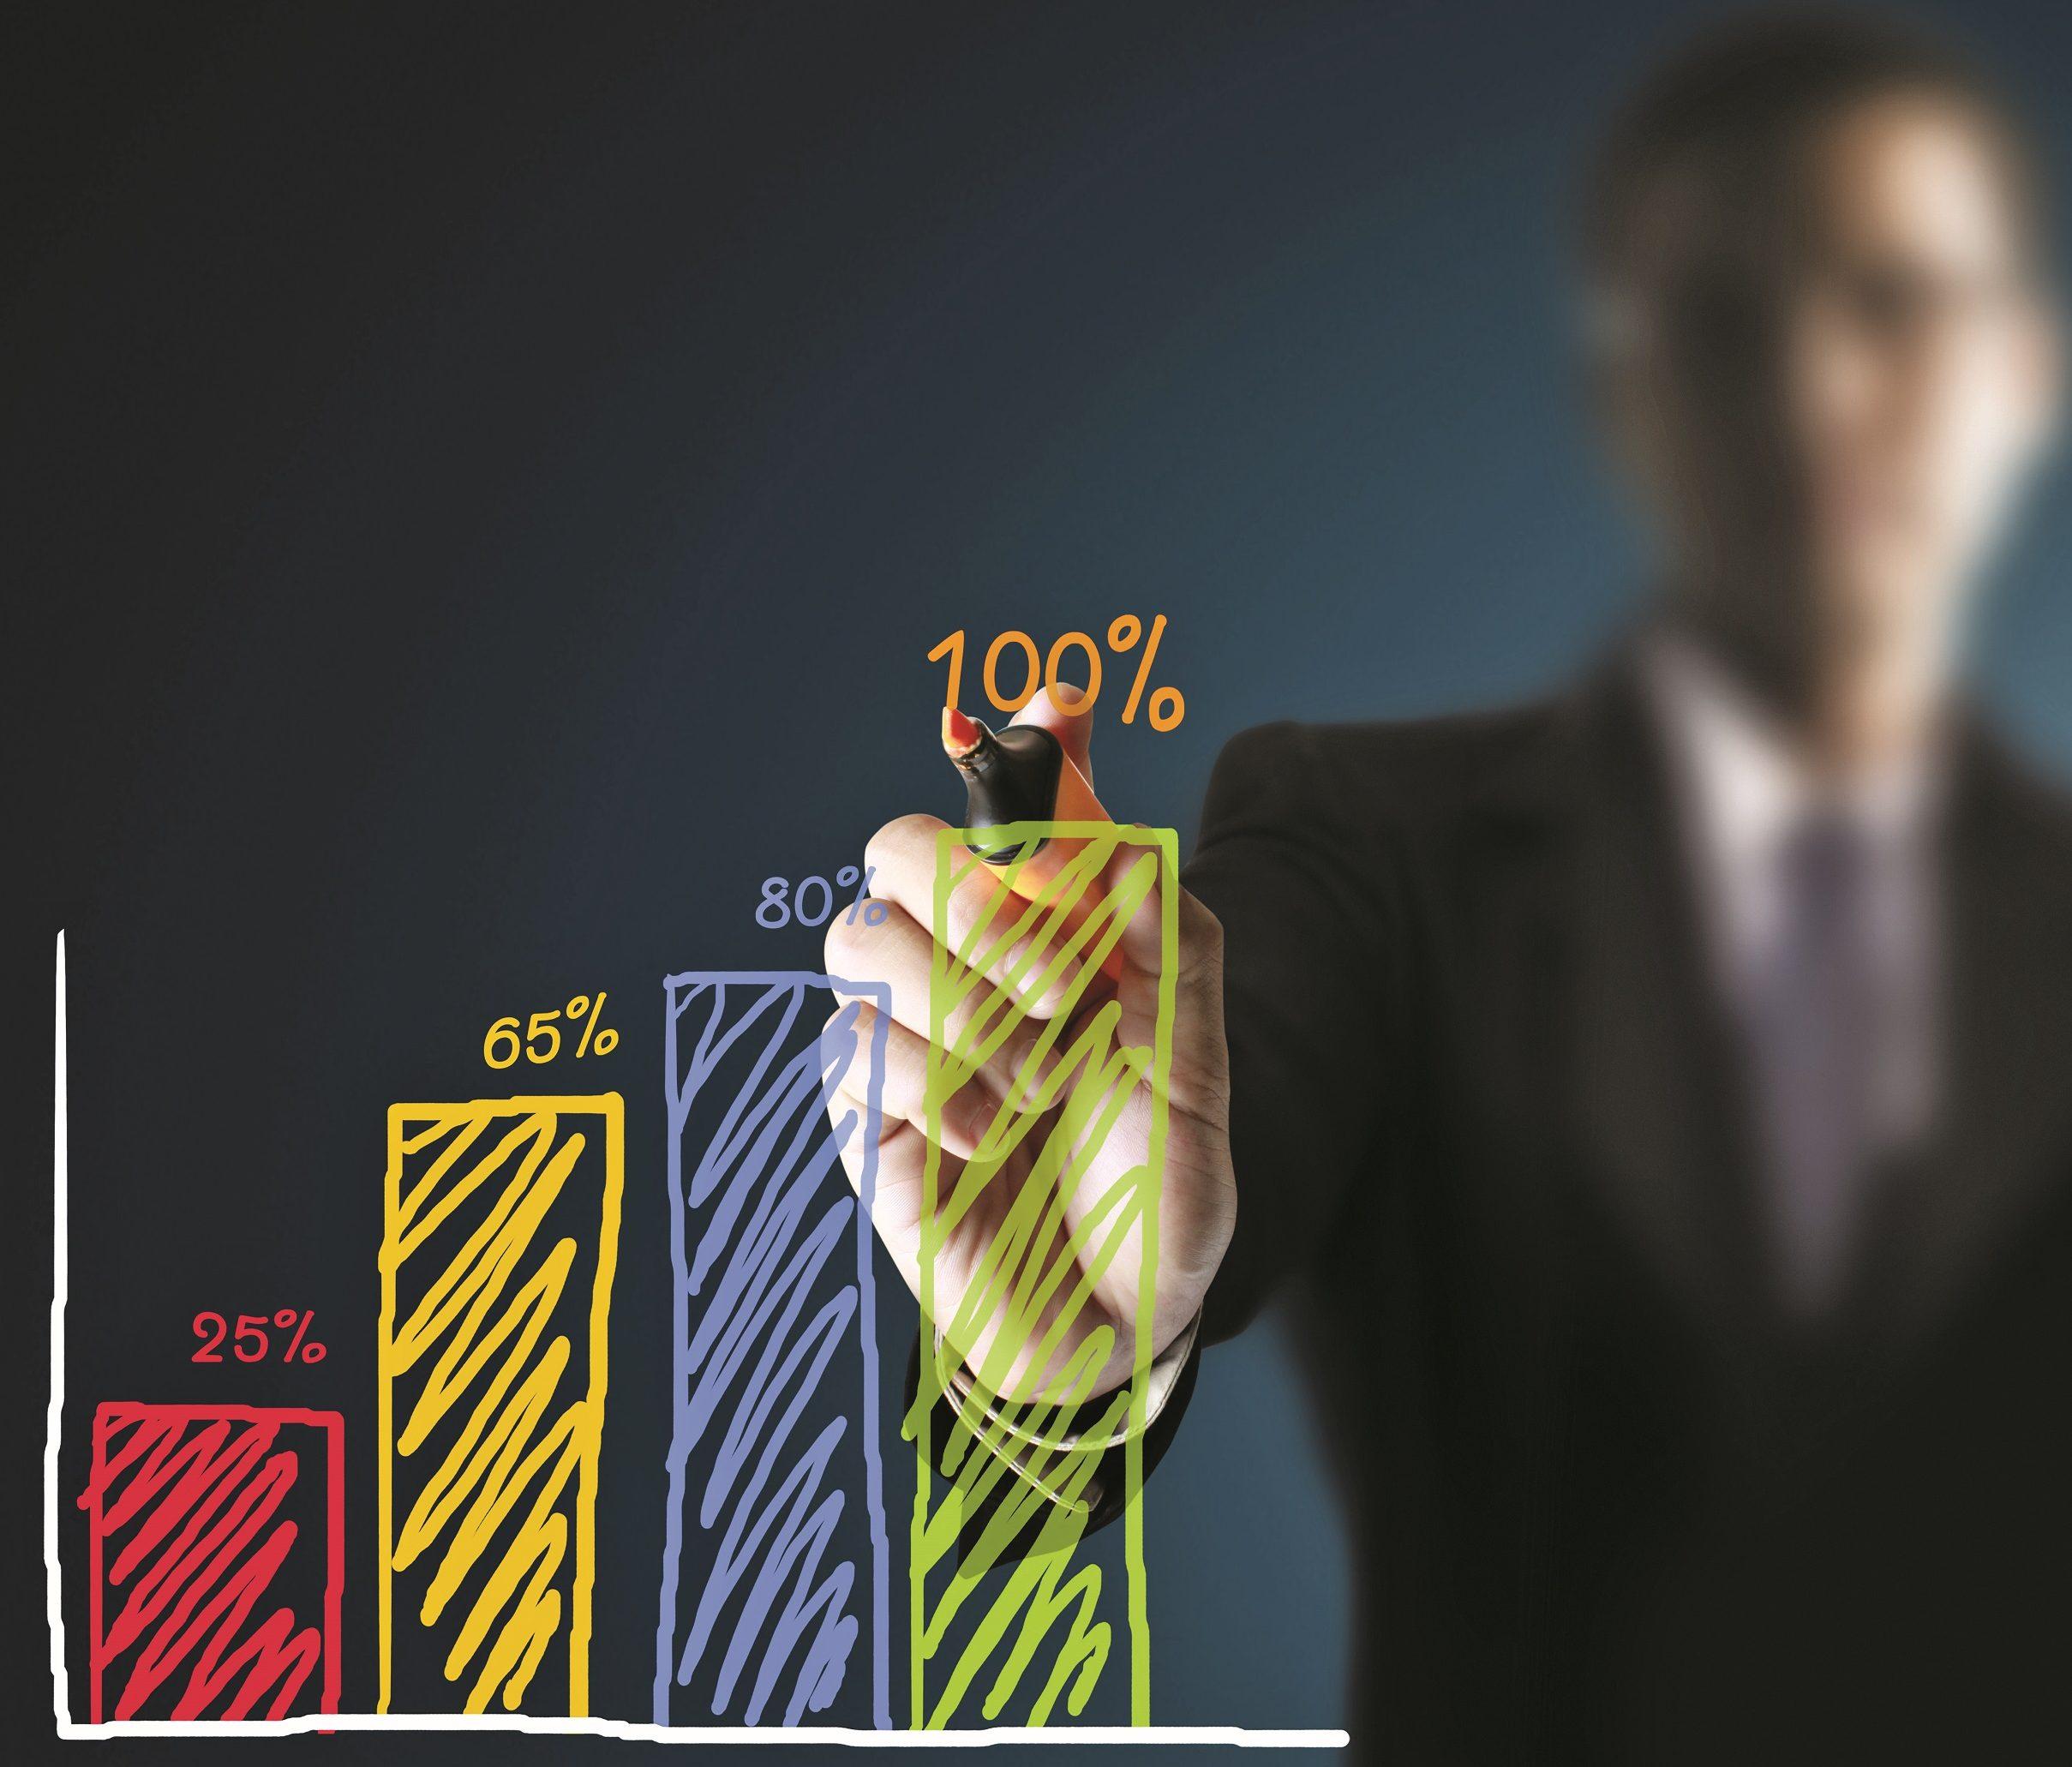 شروع سرمایهگذاری در سهام – قسمت بیست و نهم